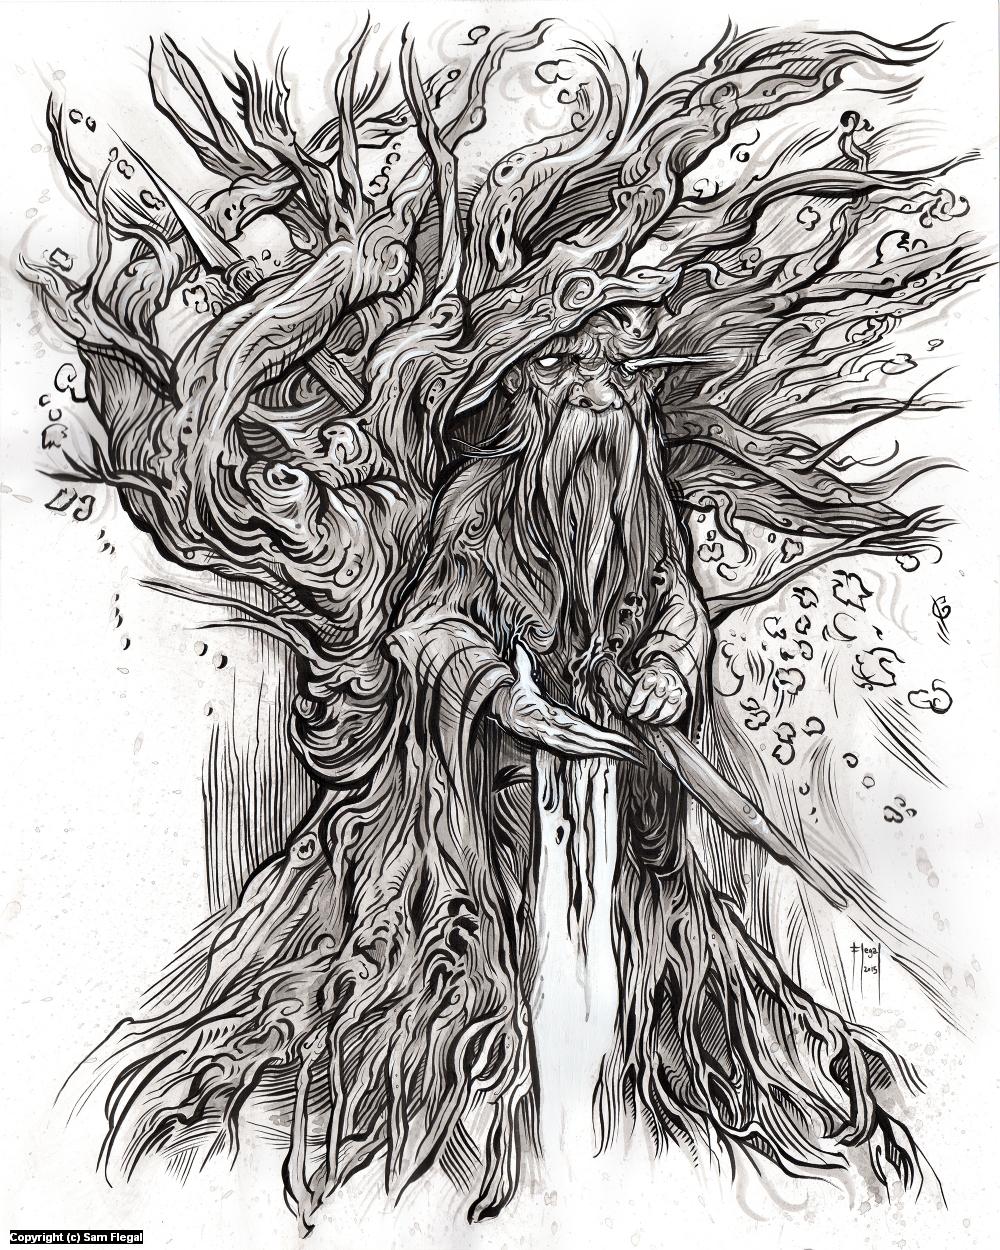 Odin on a Windy Tree Artwork by Sam Flegal